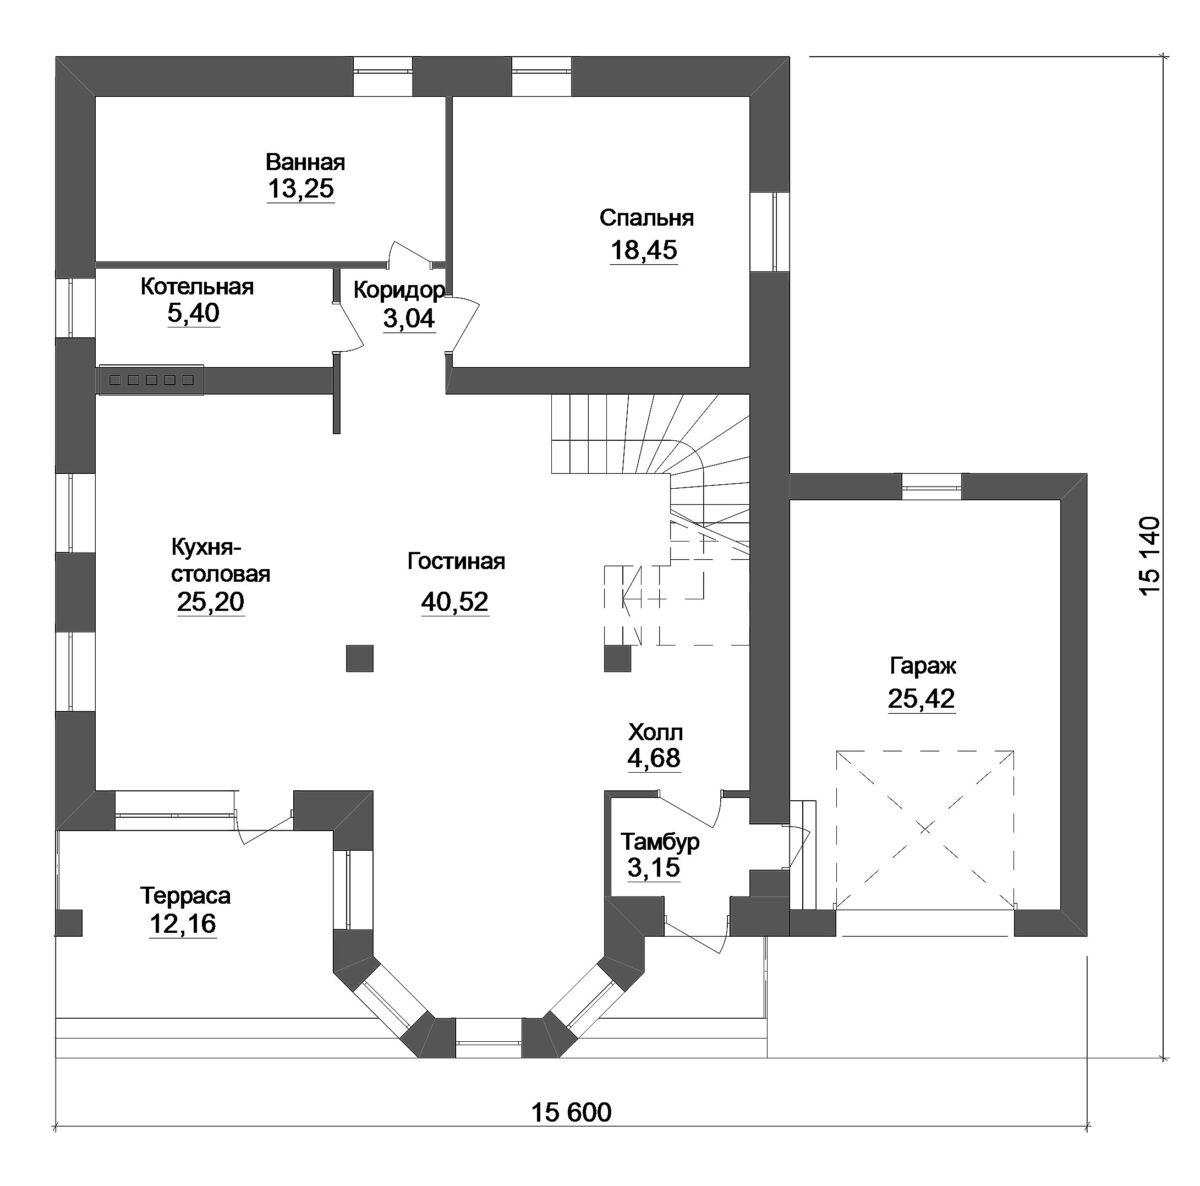 Галий D-101. Проект дома с мансардой, четырьмя спальнями и гаражом